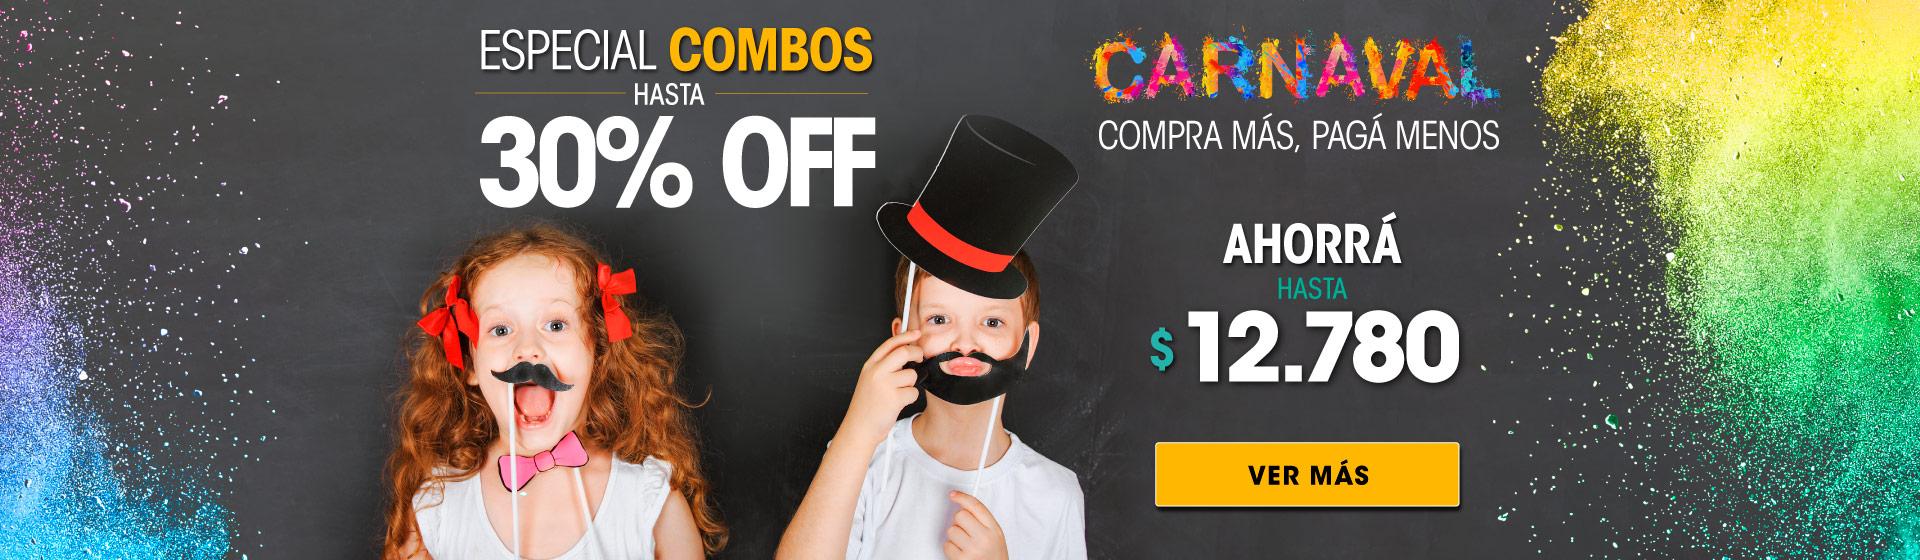 combos desktop